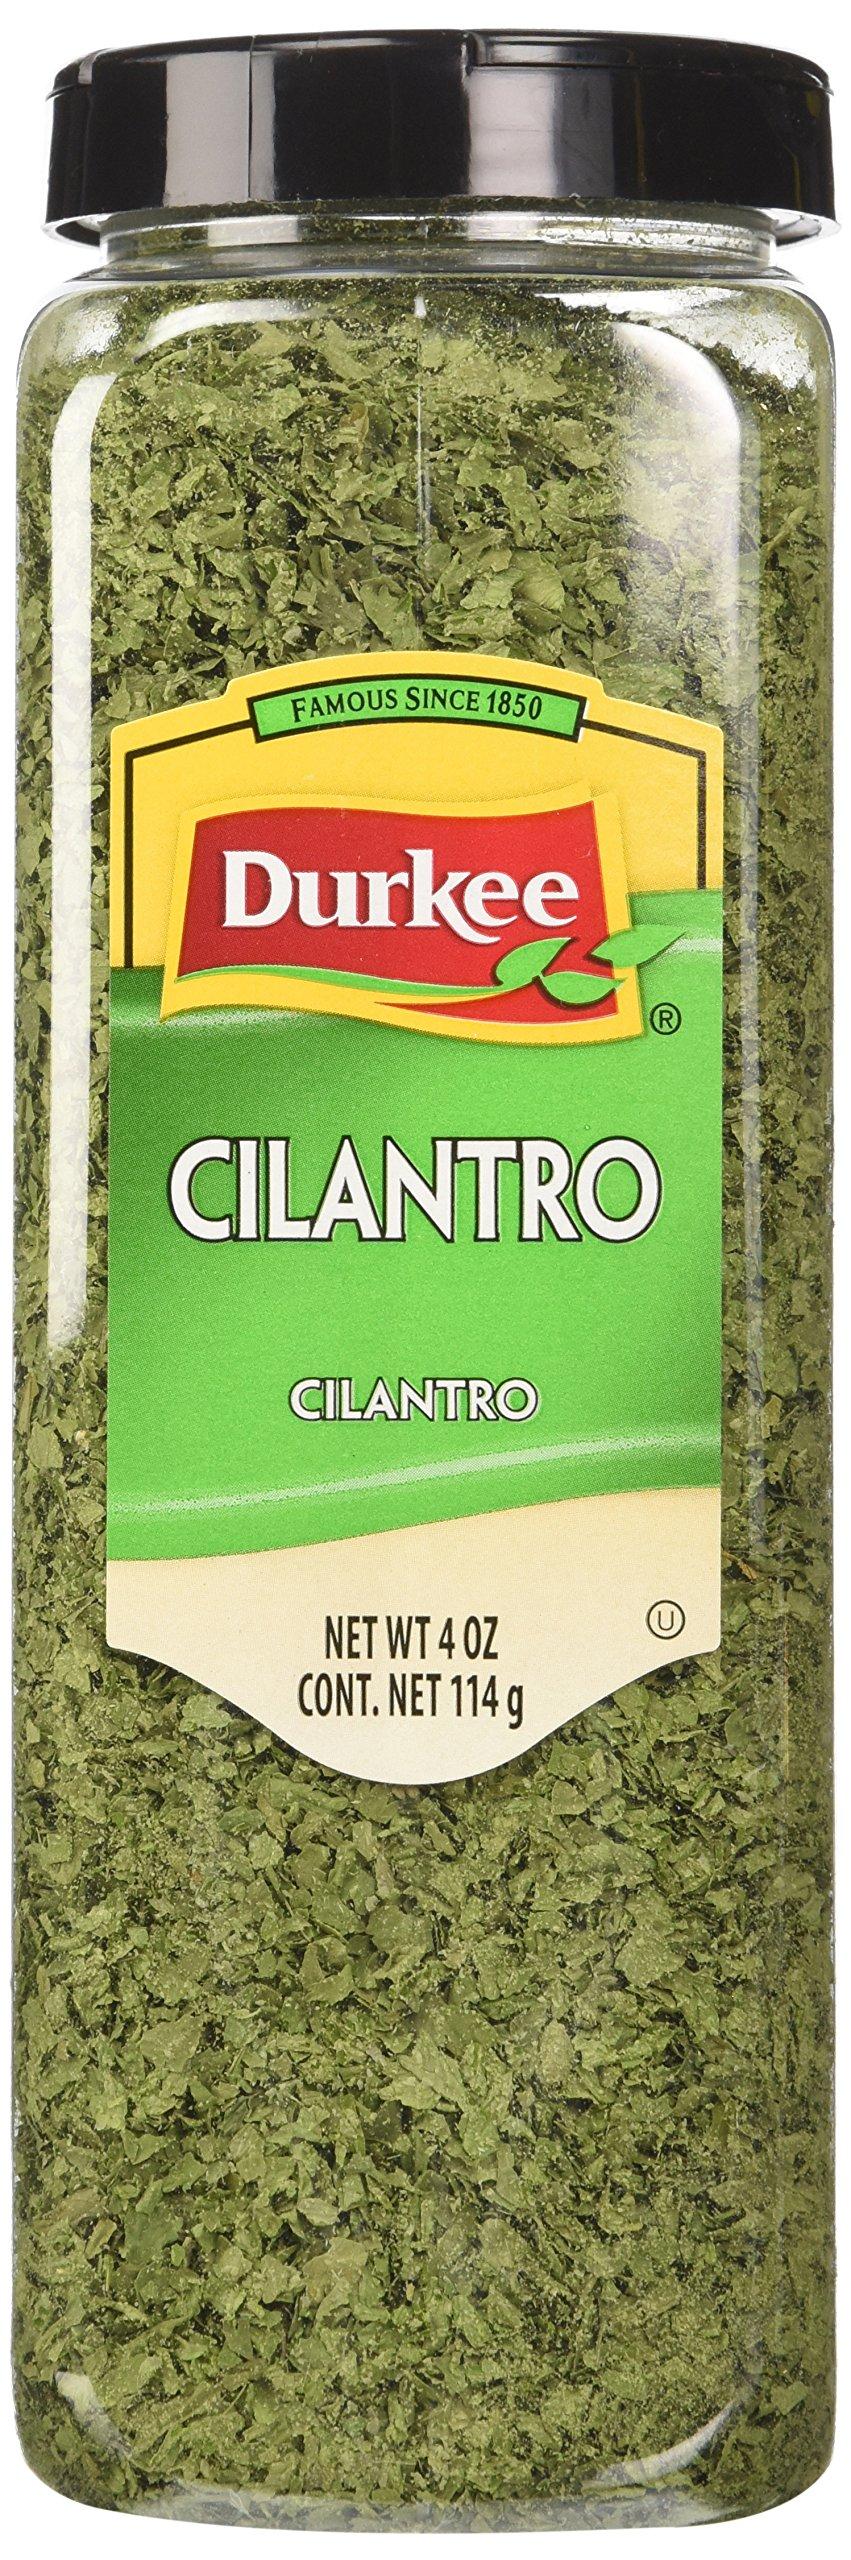 Durkee Cilantro, 4-Ounce